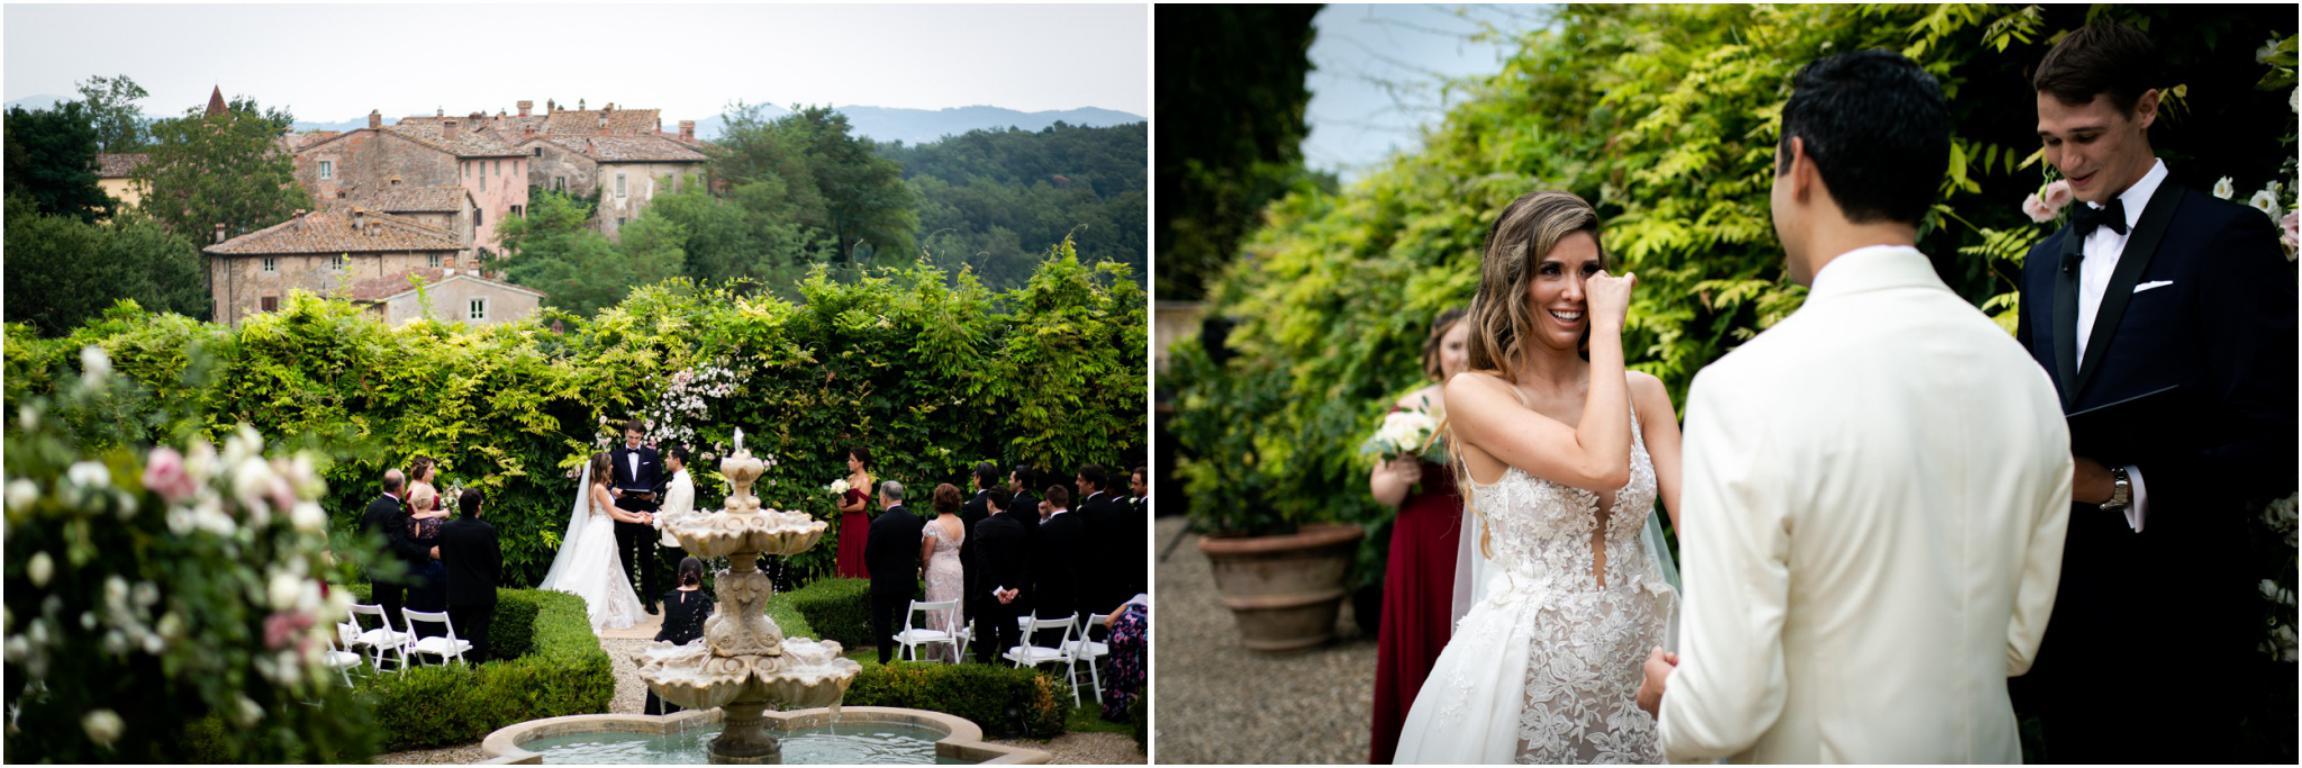 secondo fotografo per il matrimonio